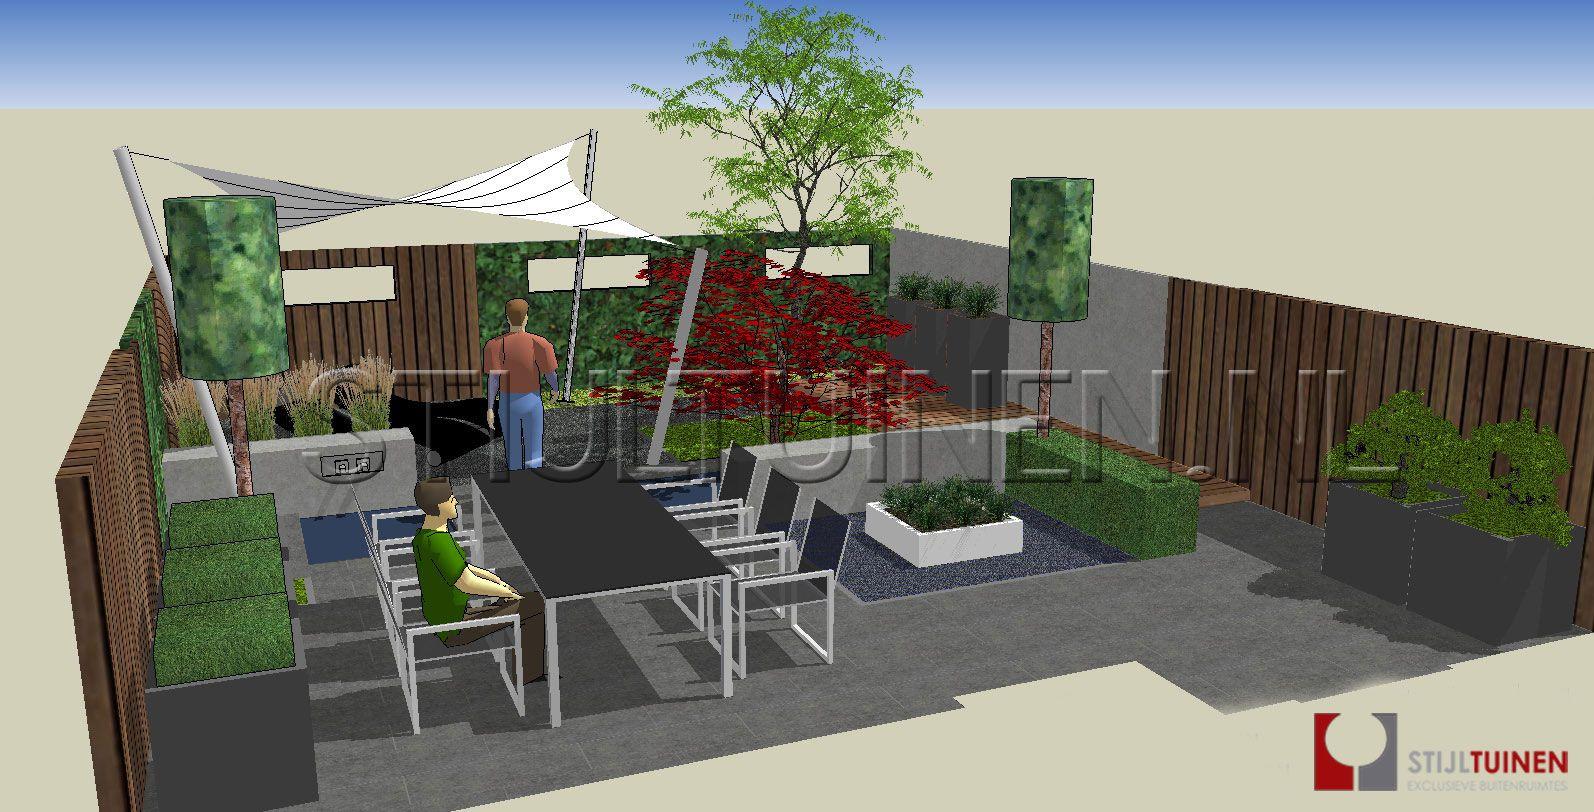 Eigentijdse en moderne tuin tuinontwerpen moderne tuin zuid